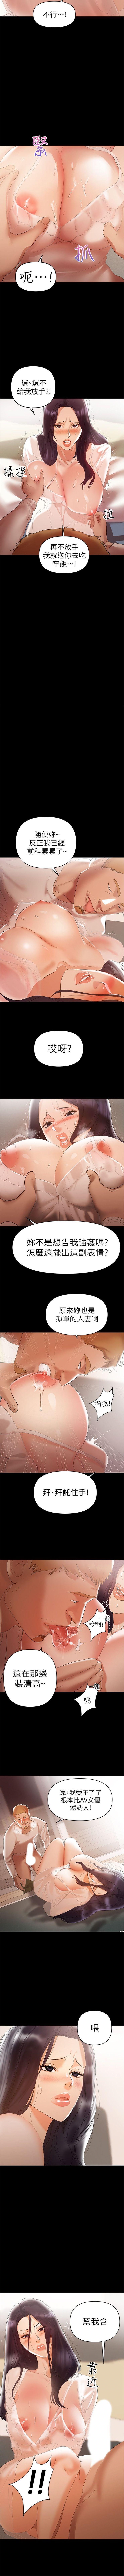 (週6)兼職奶媽 1-31 中文翻譯 (更新中) 32